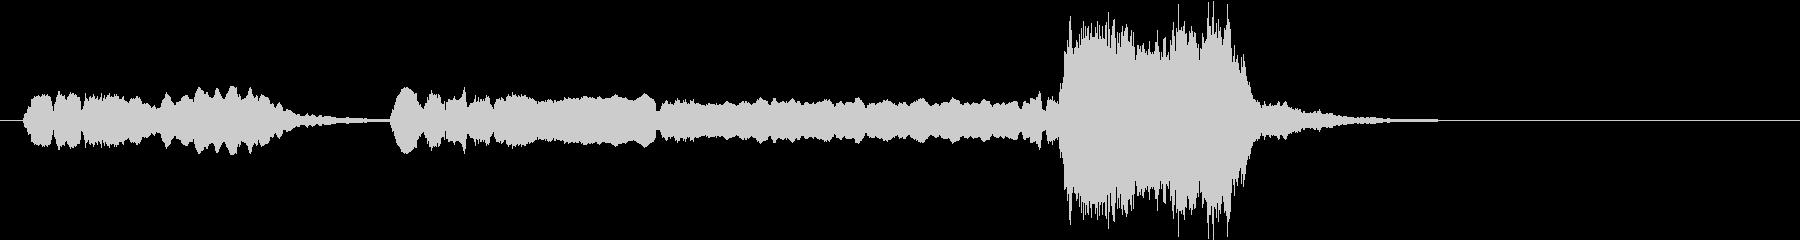 バイオリンによるトッカータとフーガ 1の未再生の波形